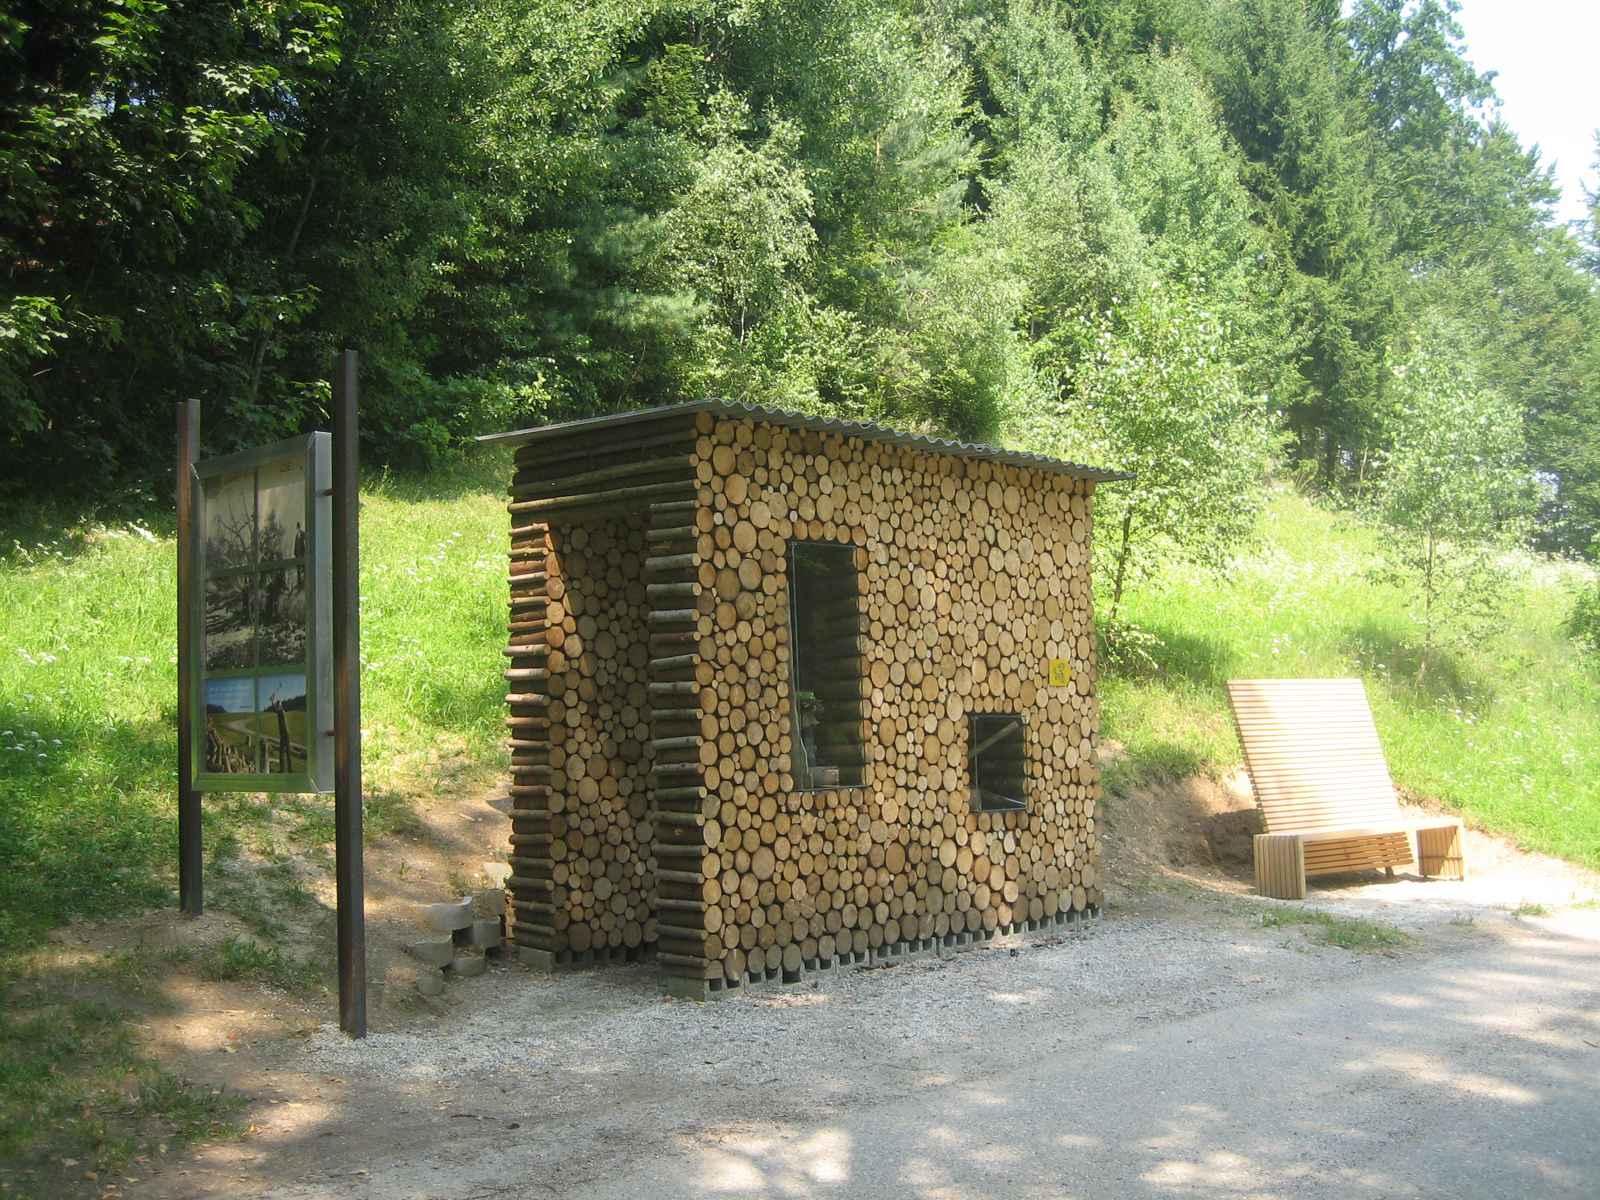 Holzarbeit, Informationstafel mit begehbarem Holzstoß und Sitzbank